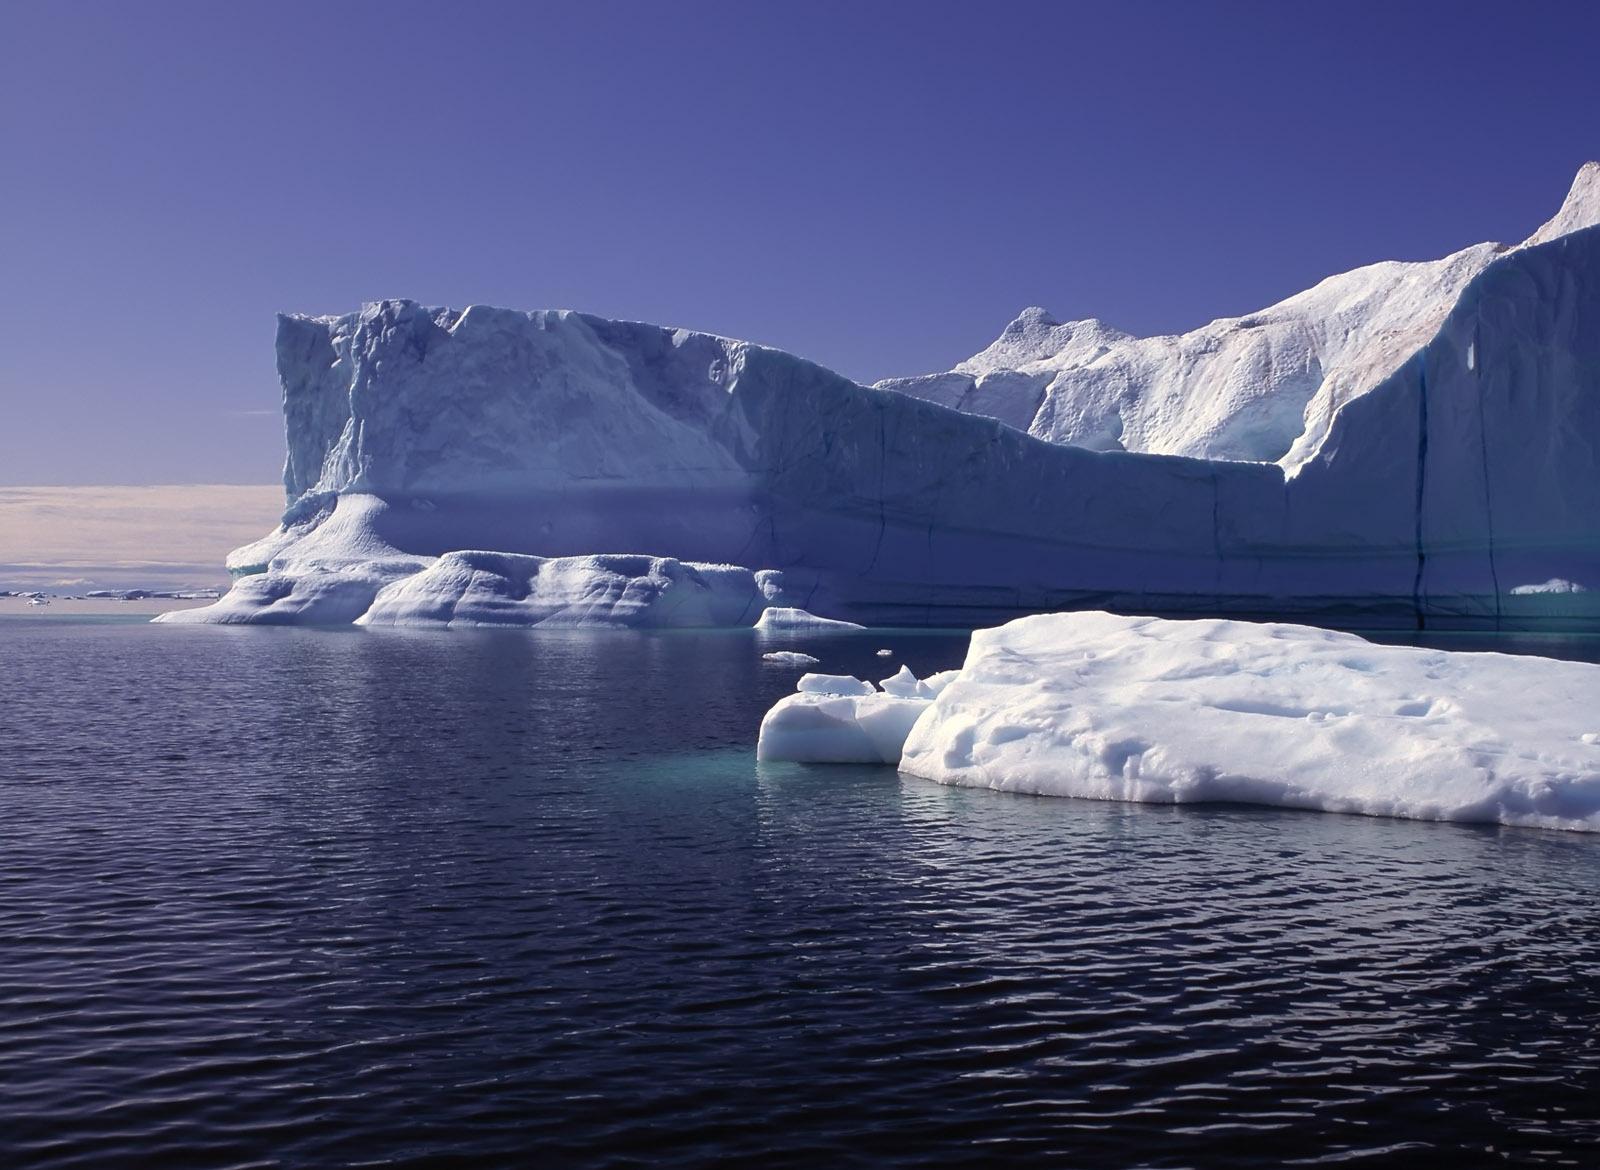 Картинка пейзажа арктики для